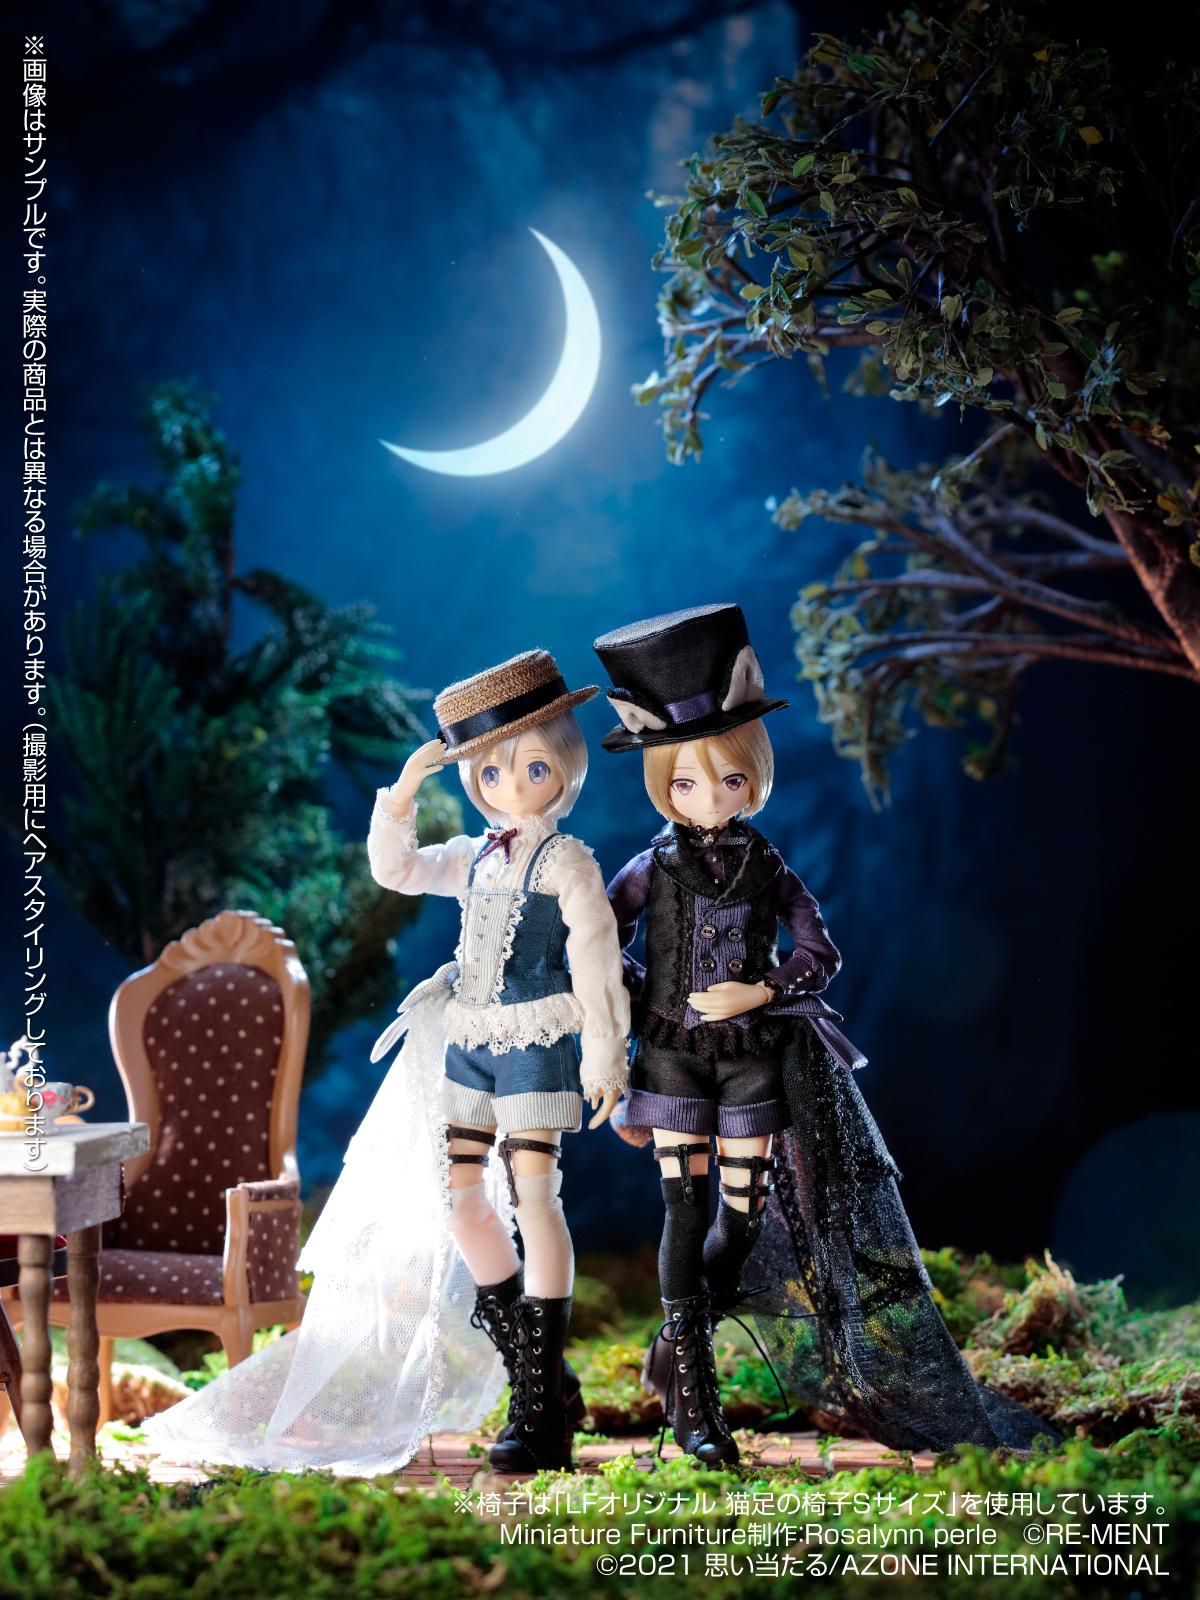 えっくす☆きゅーと ふぁみりー:Alice's TeaParty~お菓子なお茶会~『少年アリス/ノーア ver.1.1』1/6 完成品ドール-001